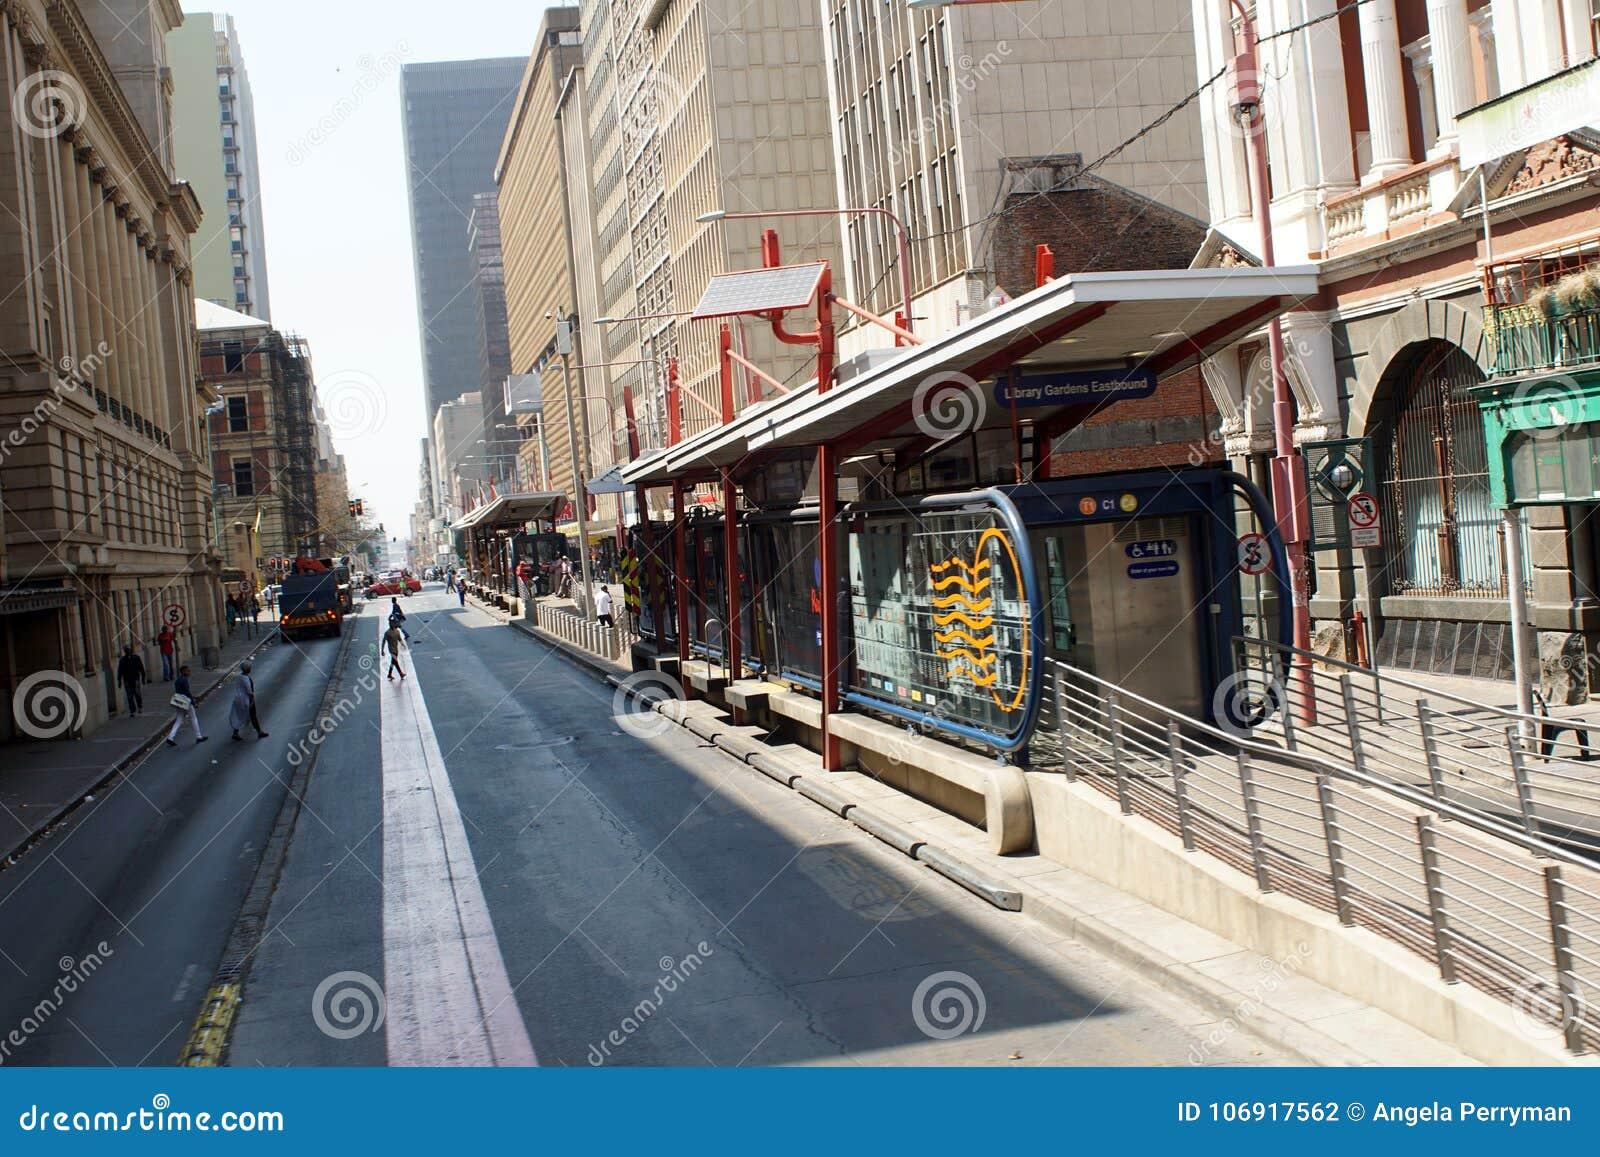 Parada do ônibus no distrito financeiro central, Joanesburgo, África do Sul